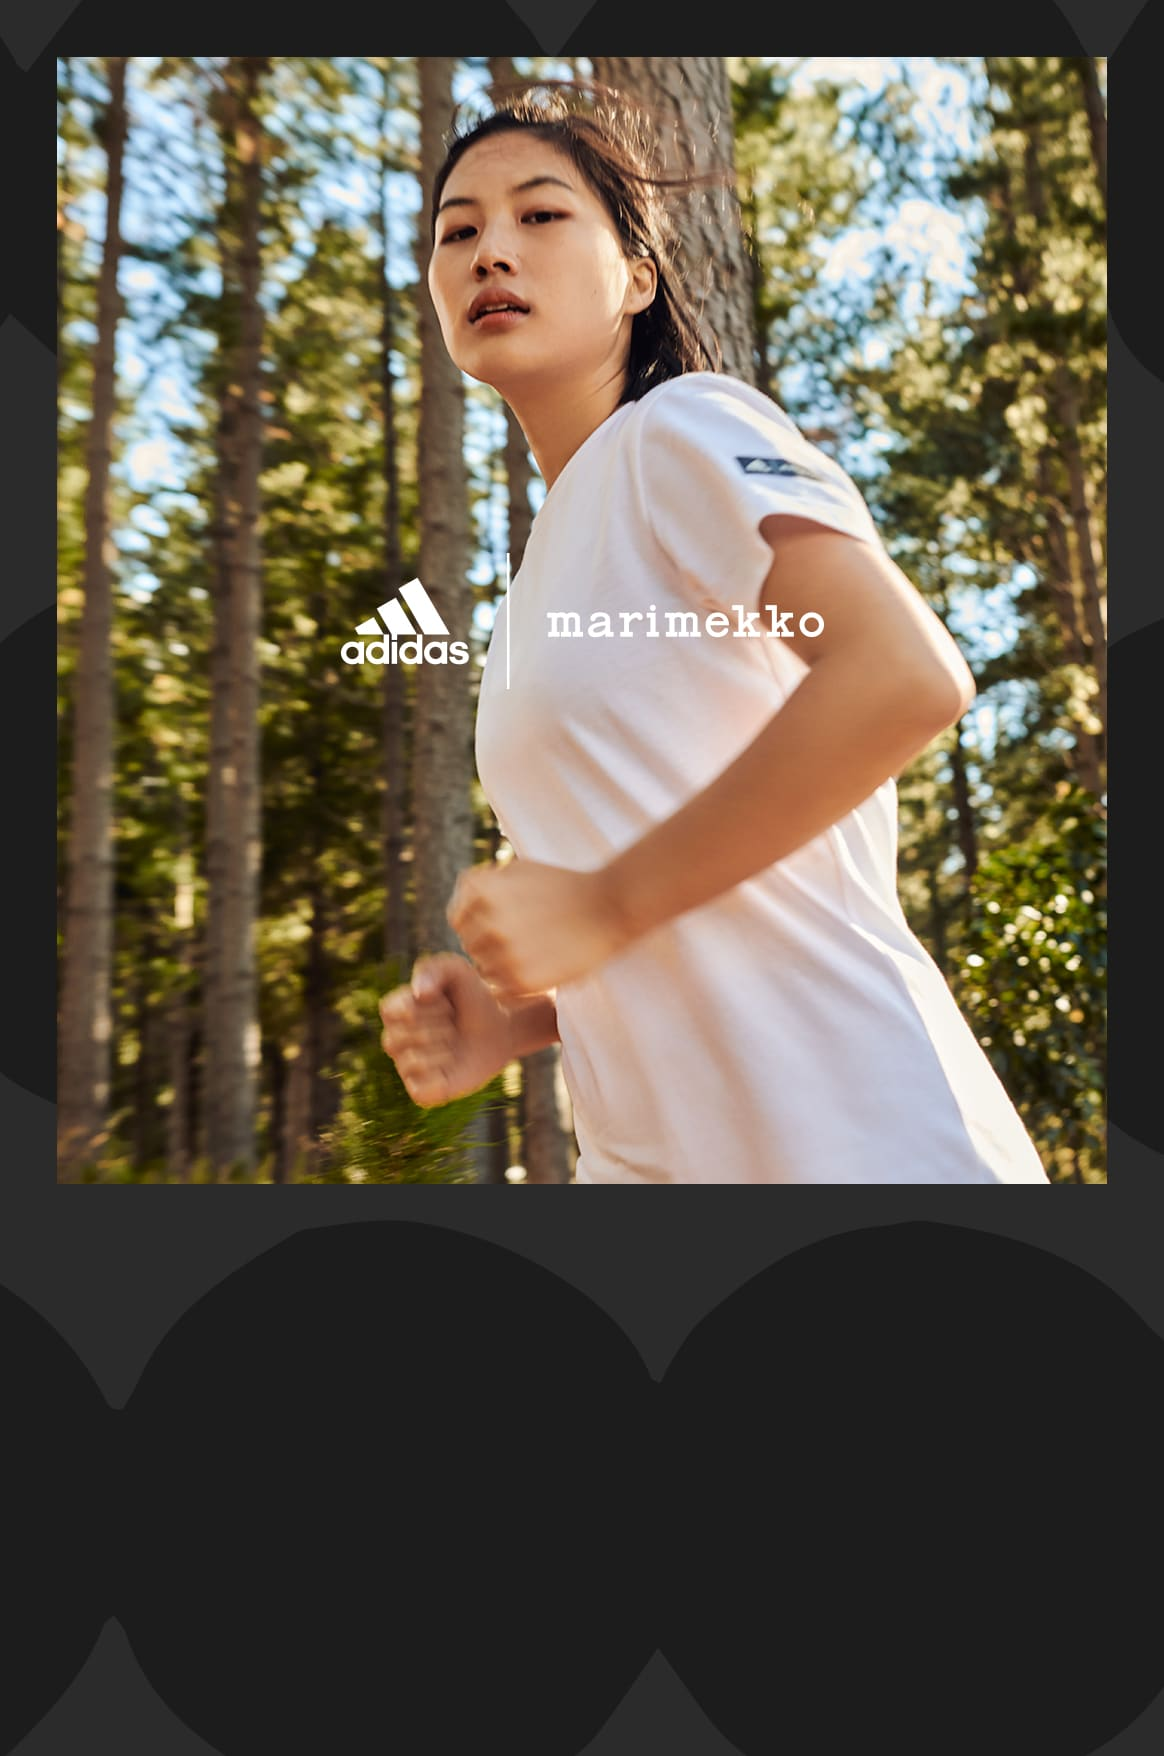 modelo corriendo en el bosque